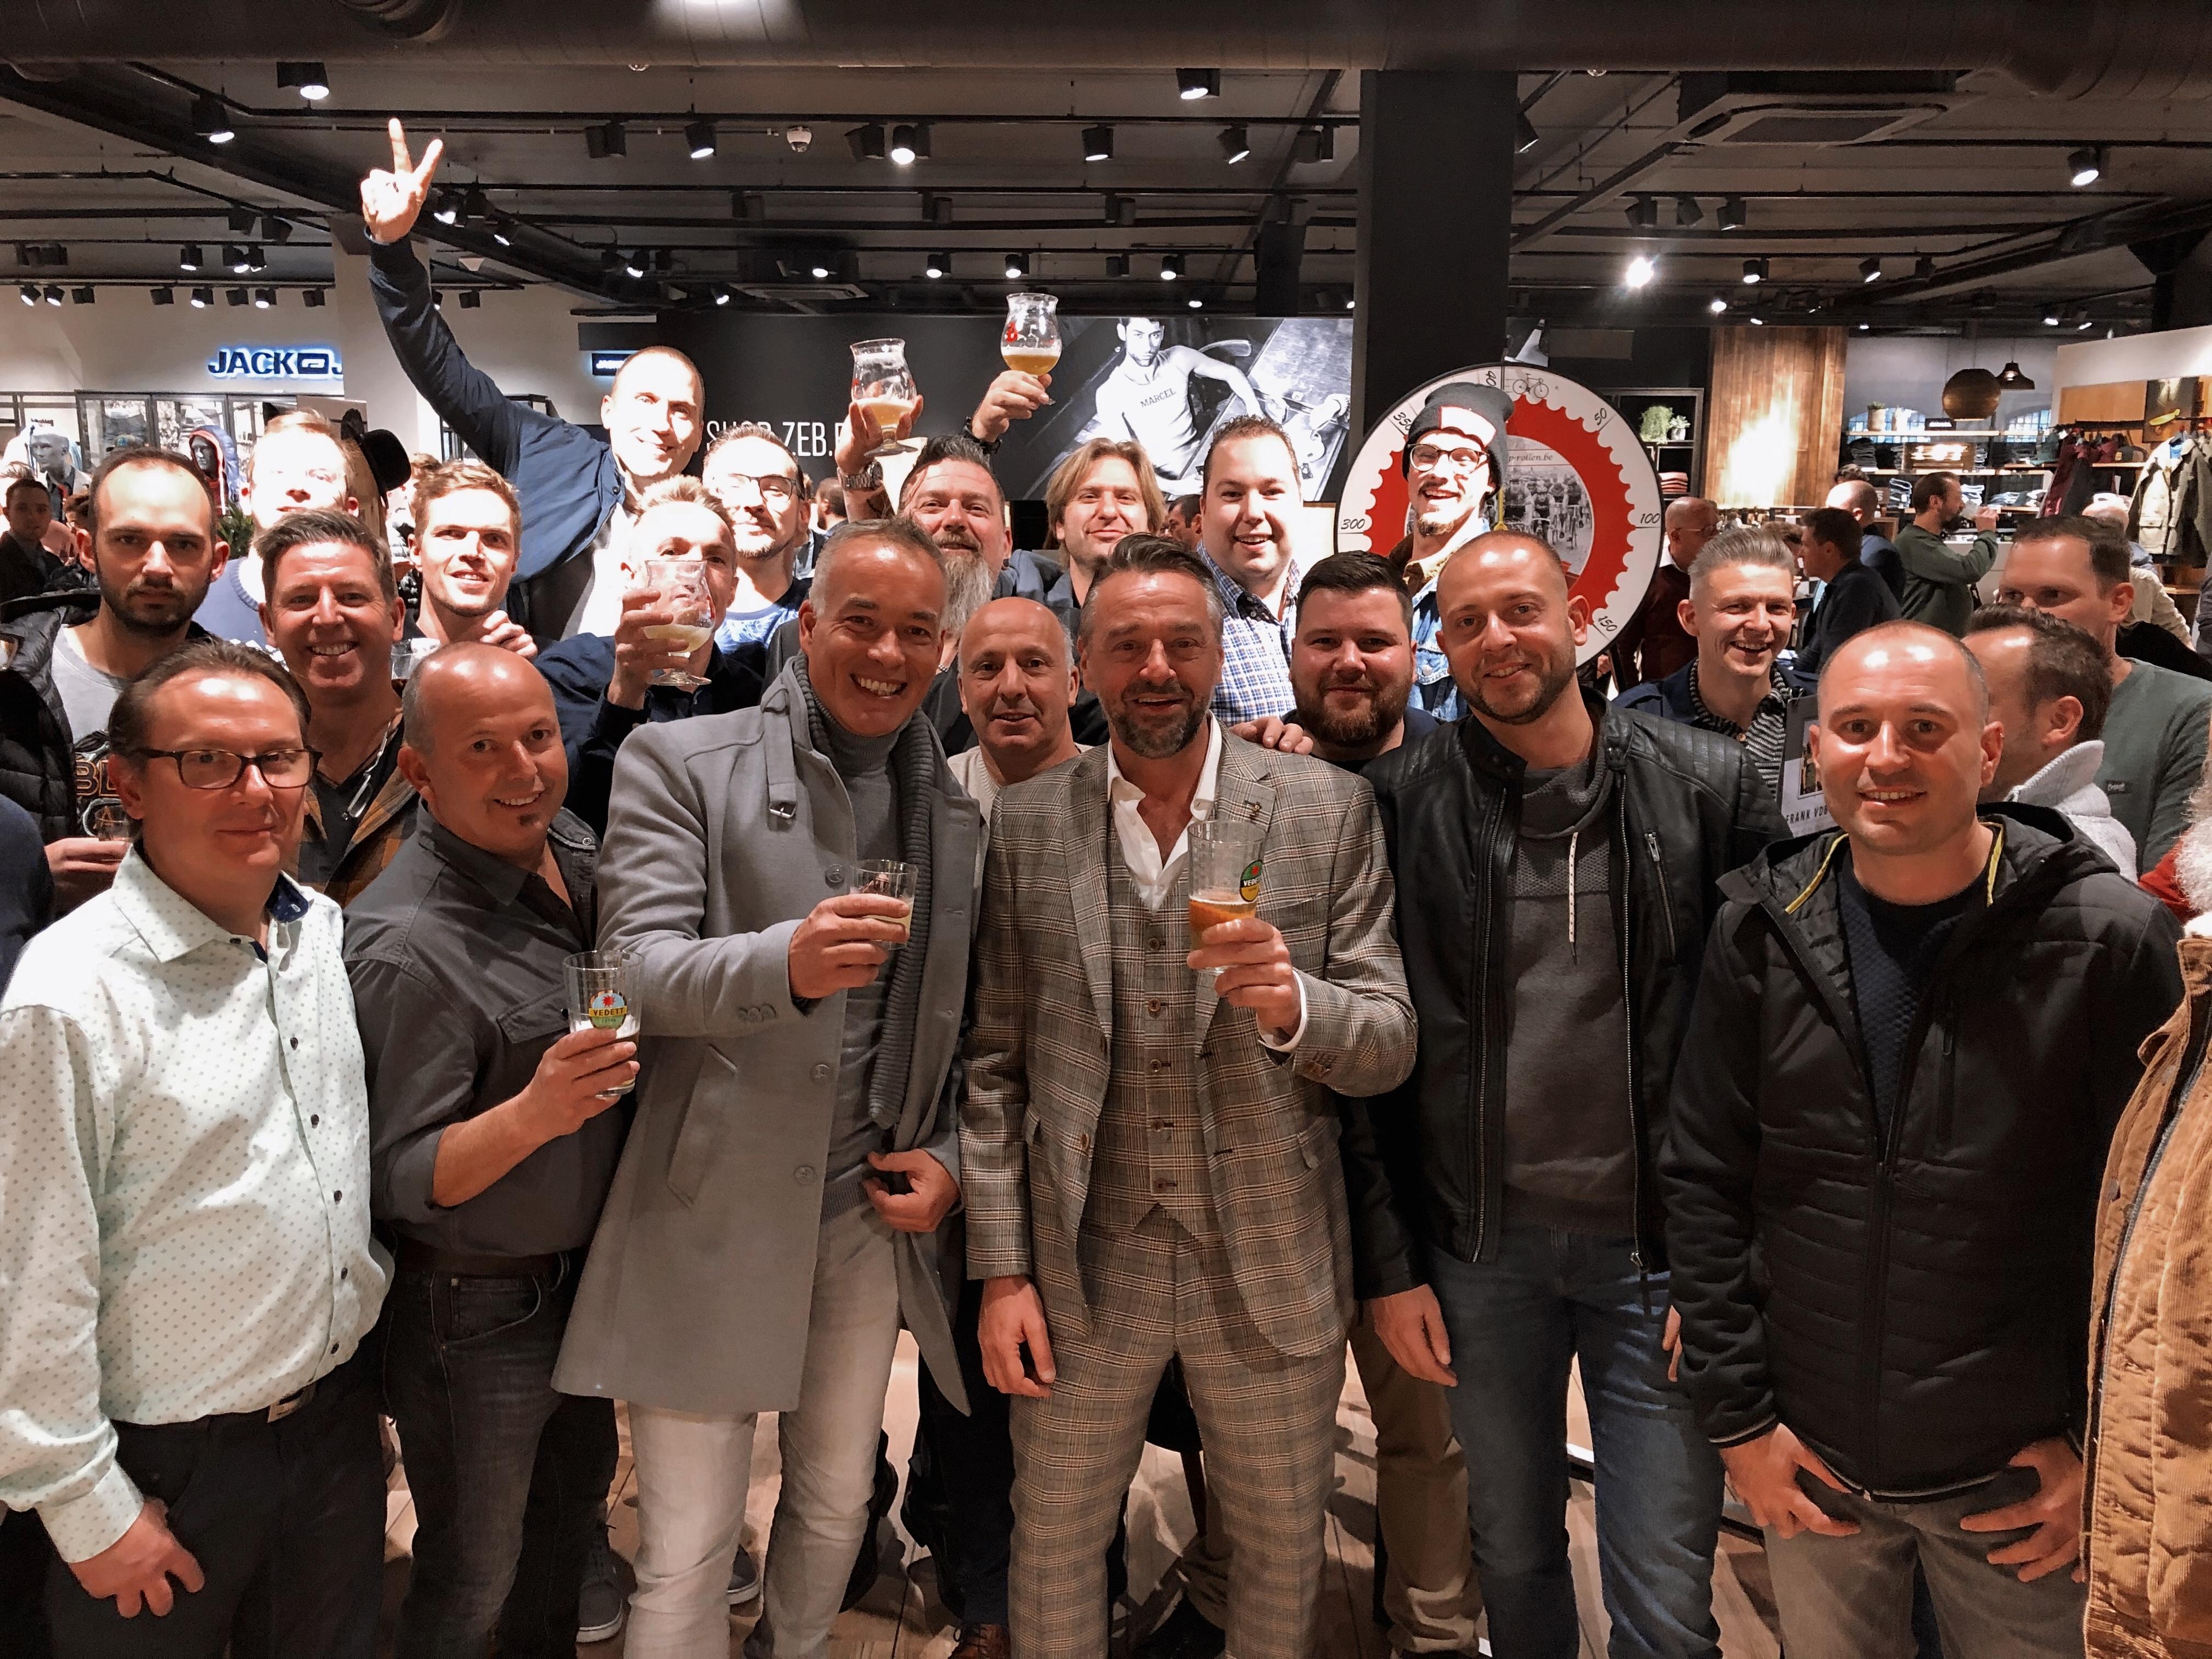 200 mannen vieren met 'Men's Night' verjaardag van Tom Waes in Zeb - Het Nieuwsblad